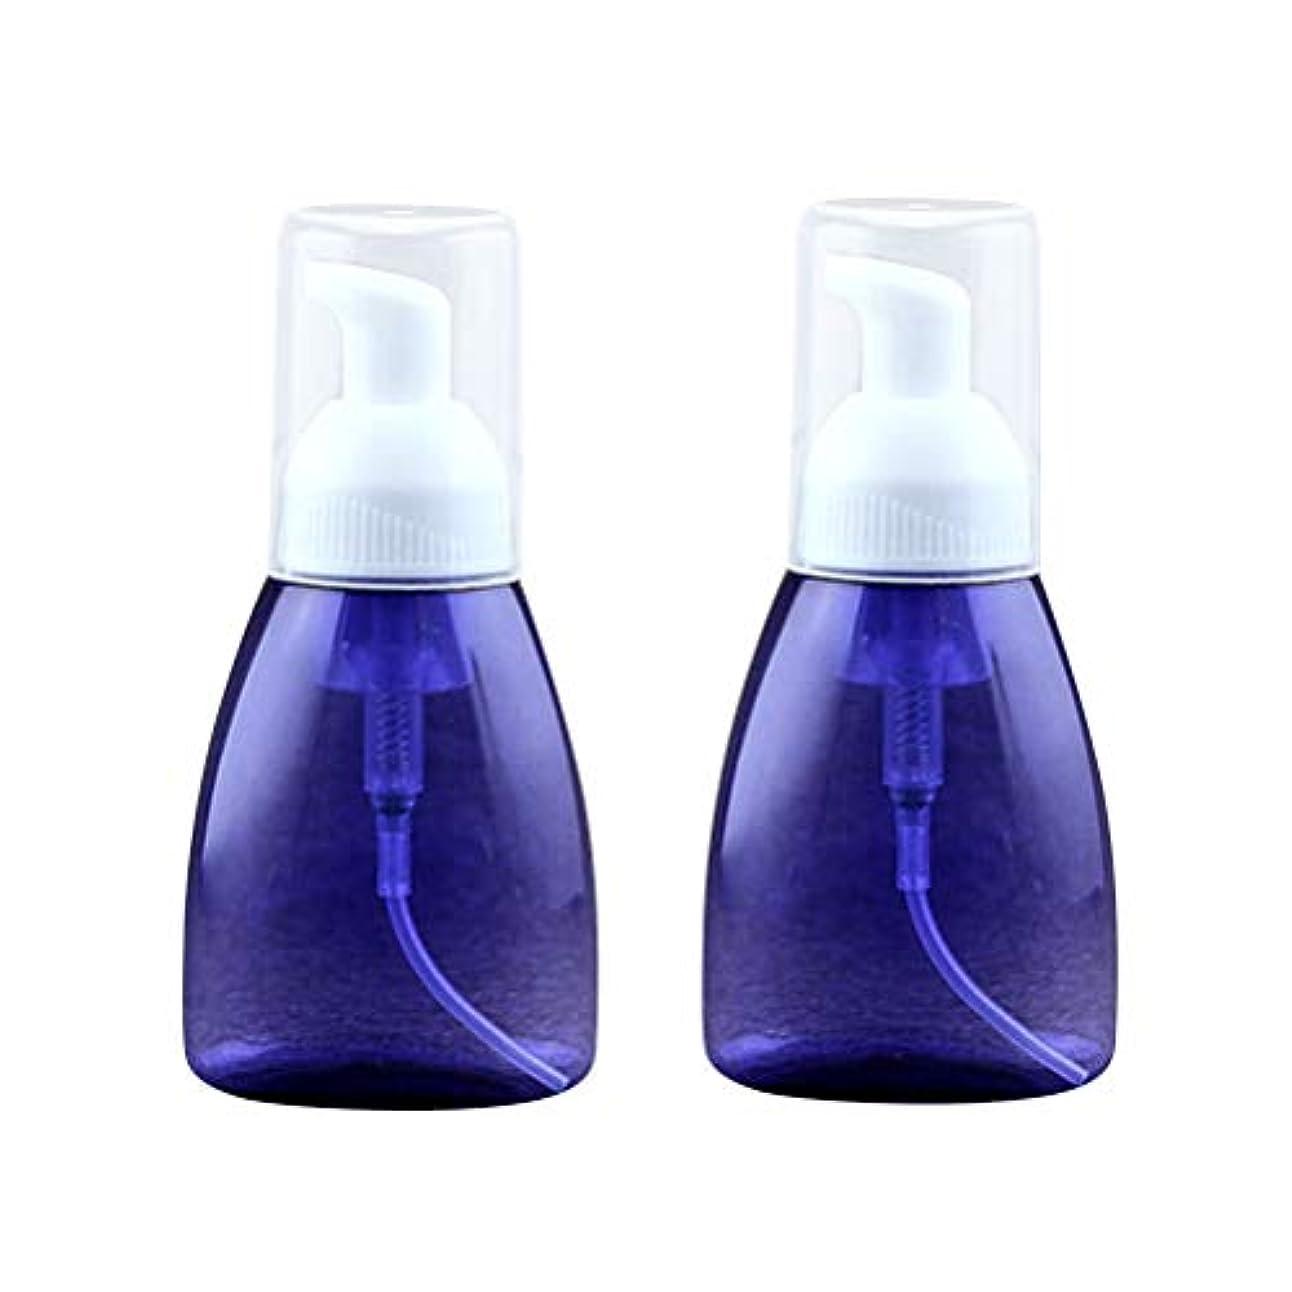 水素カメ母SUPVOX 2本発泡ソープディスペンサー詰め替え式プラスチックローションボトル泡ハンドポンプ空のボトル容器クリアトラベルトイレタリーボトル用液体シャンプー80ml(ブルー)